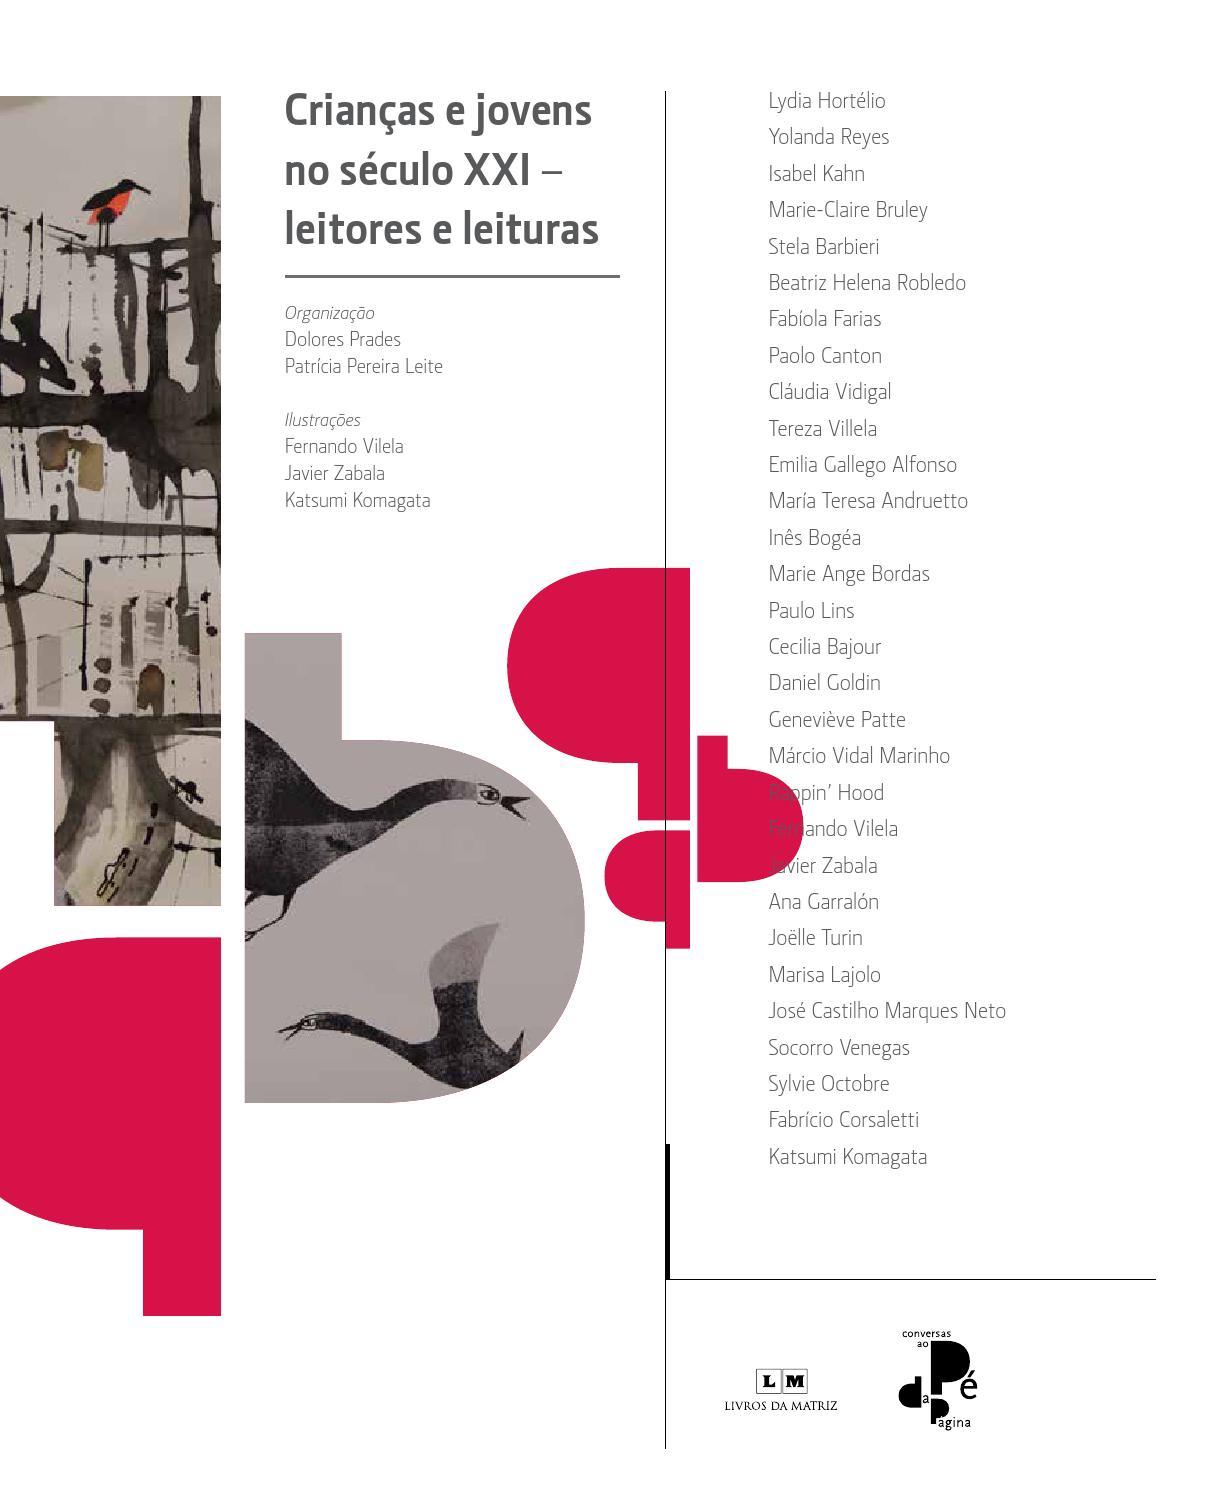 7c1d538d8b3 Crianças e jovens no século XXI by Revista Emília - issuu